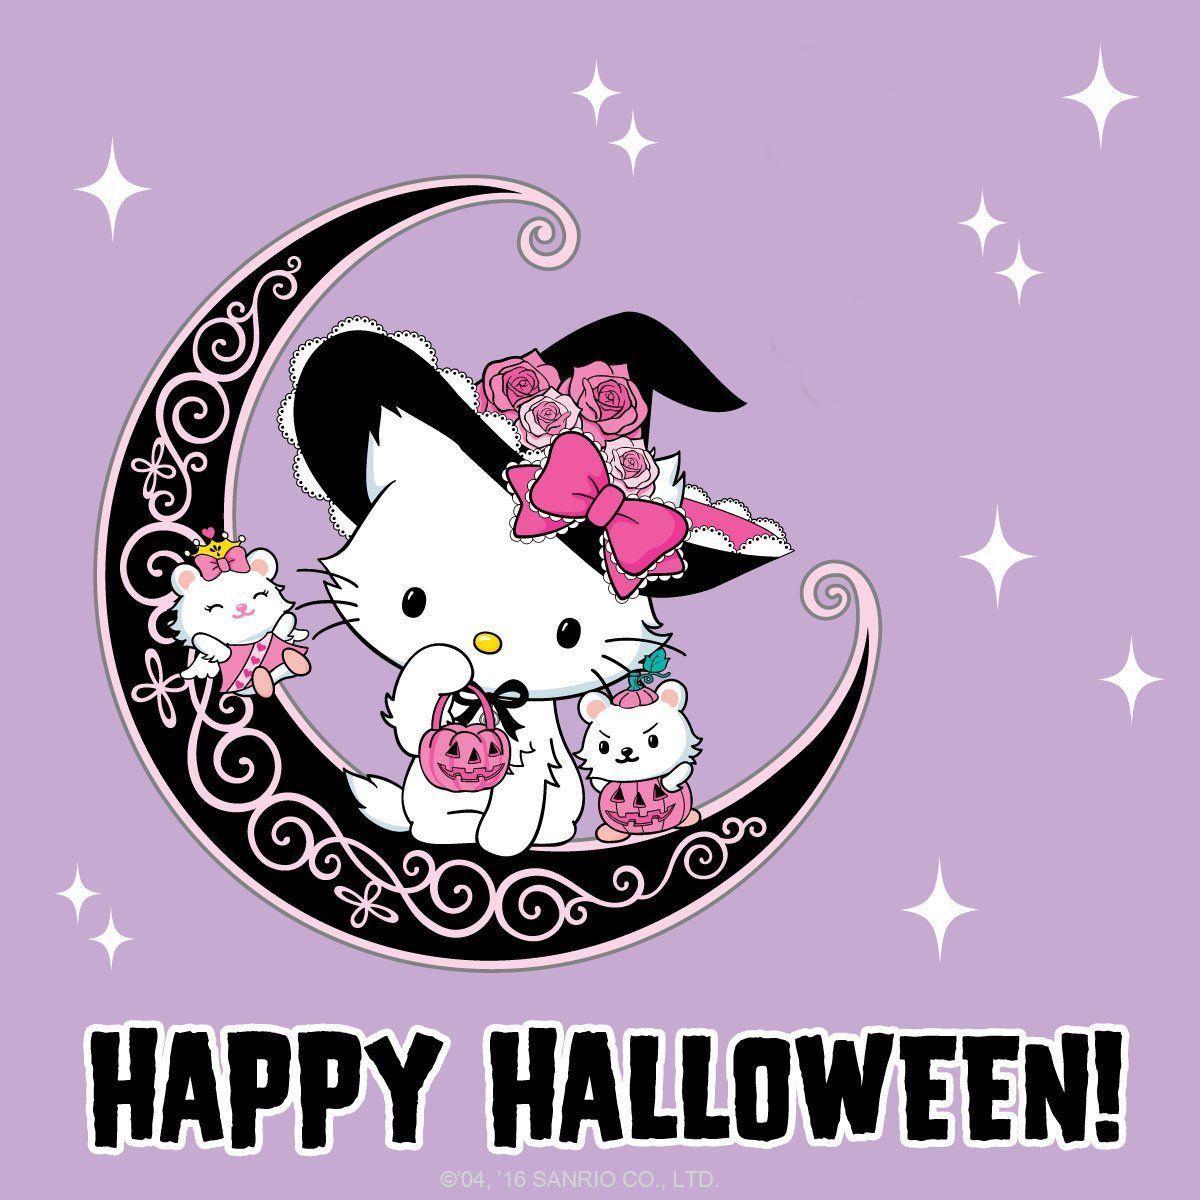 Hello Kitty Halloween Wallpapers - Top Free Hello Kitty ...